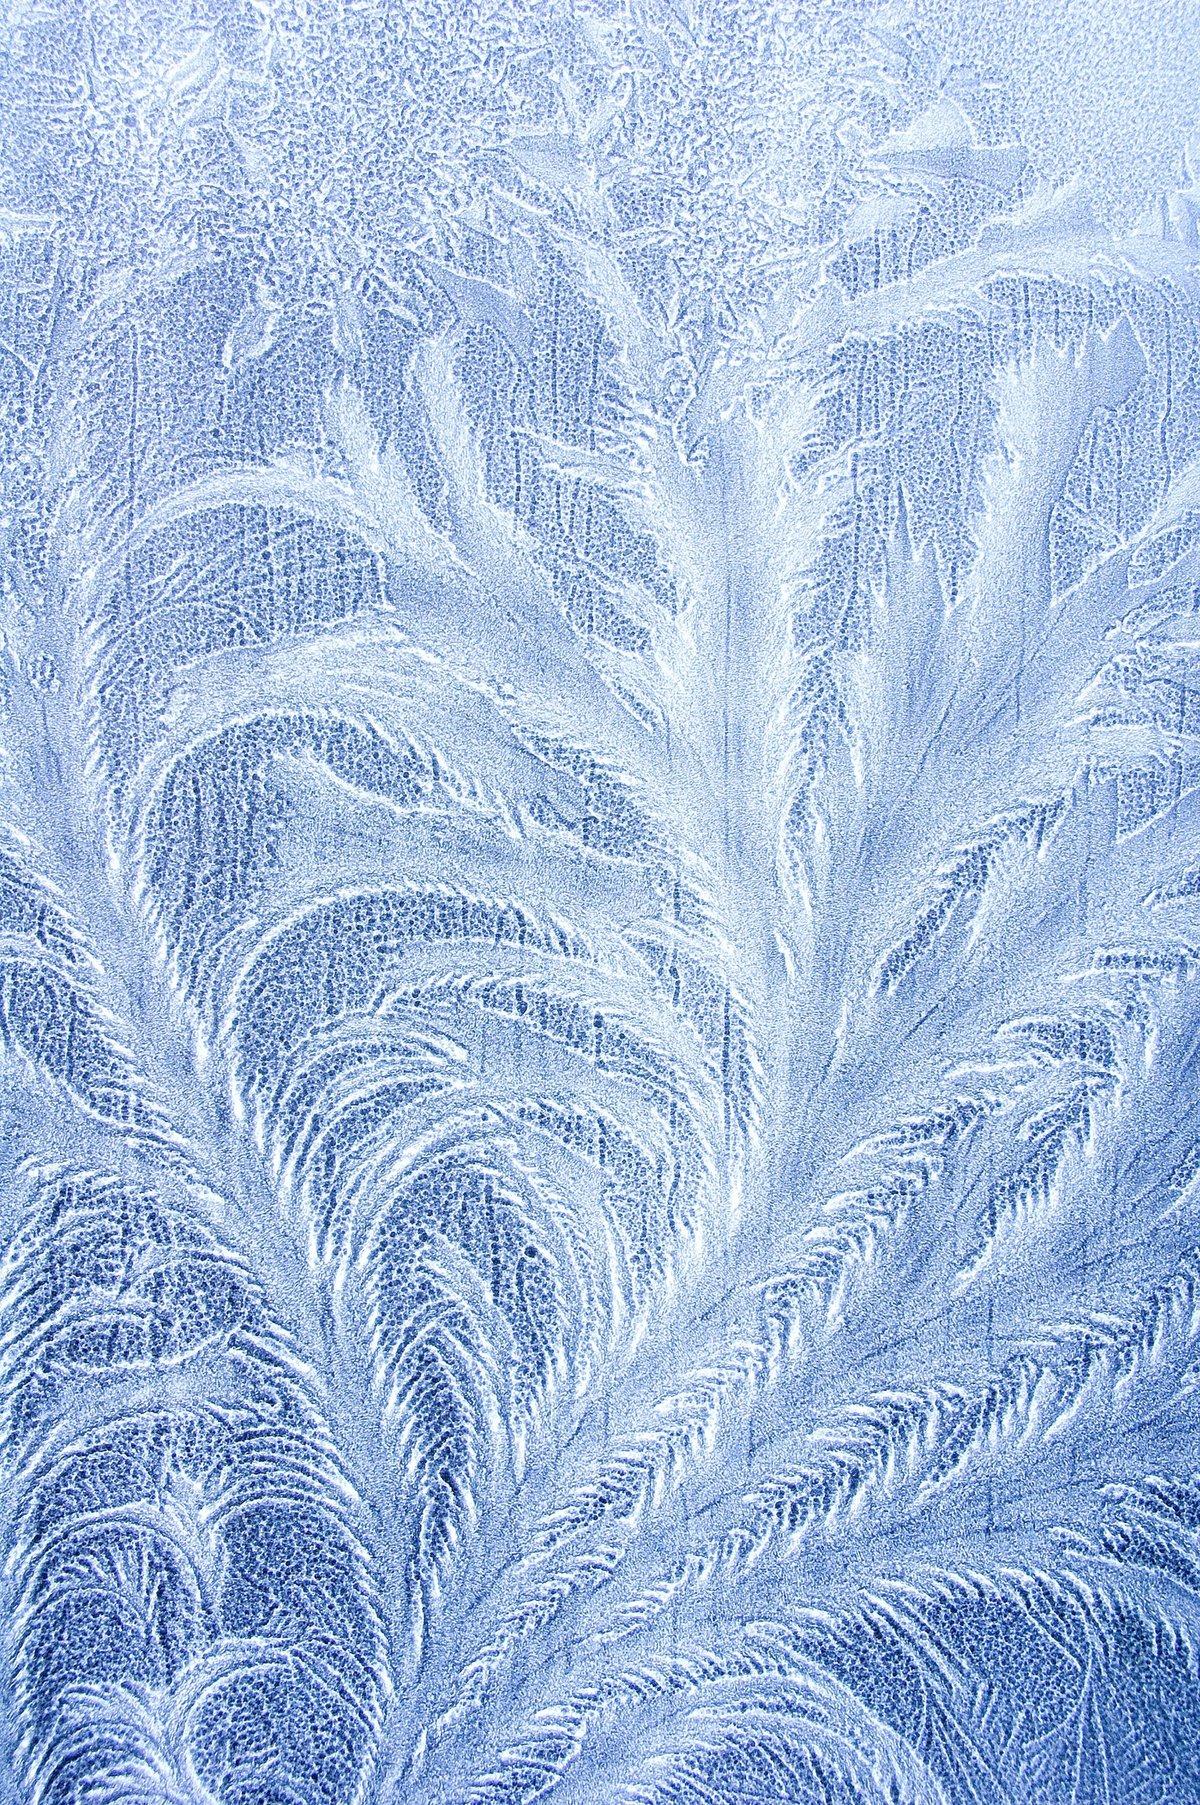 дисфункции картинки снежный узор на окне меня тогда